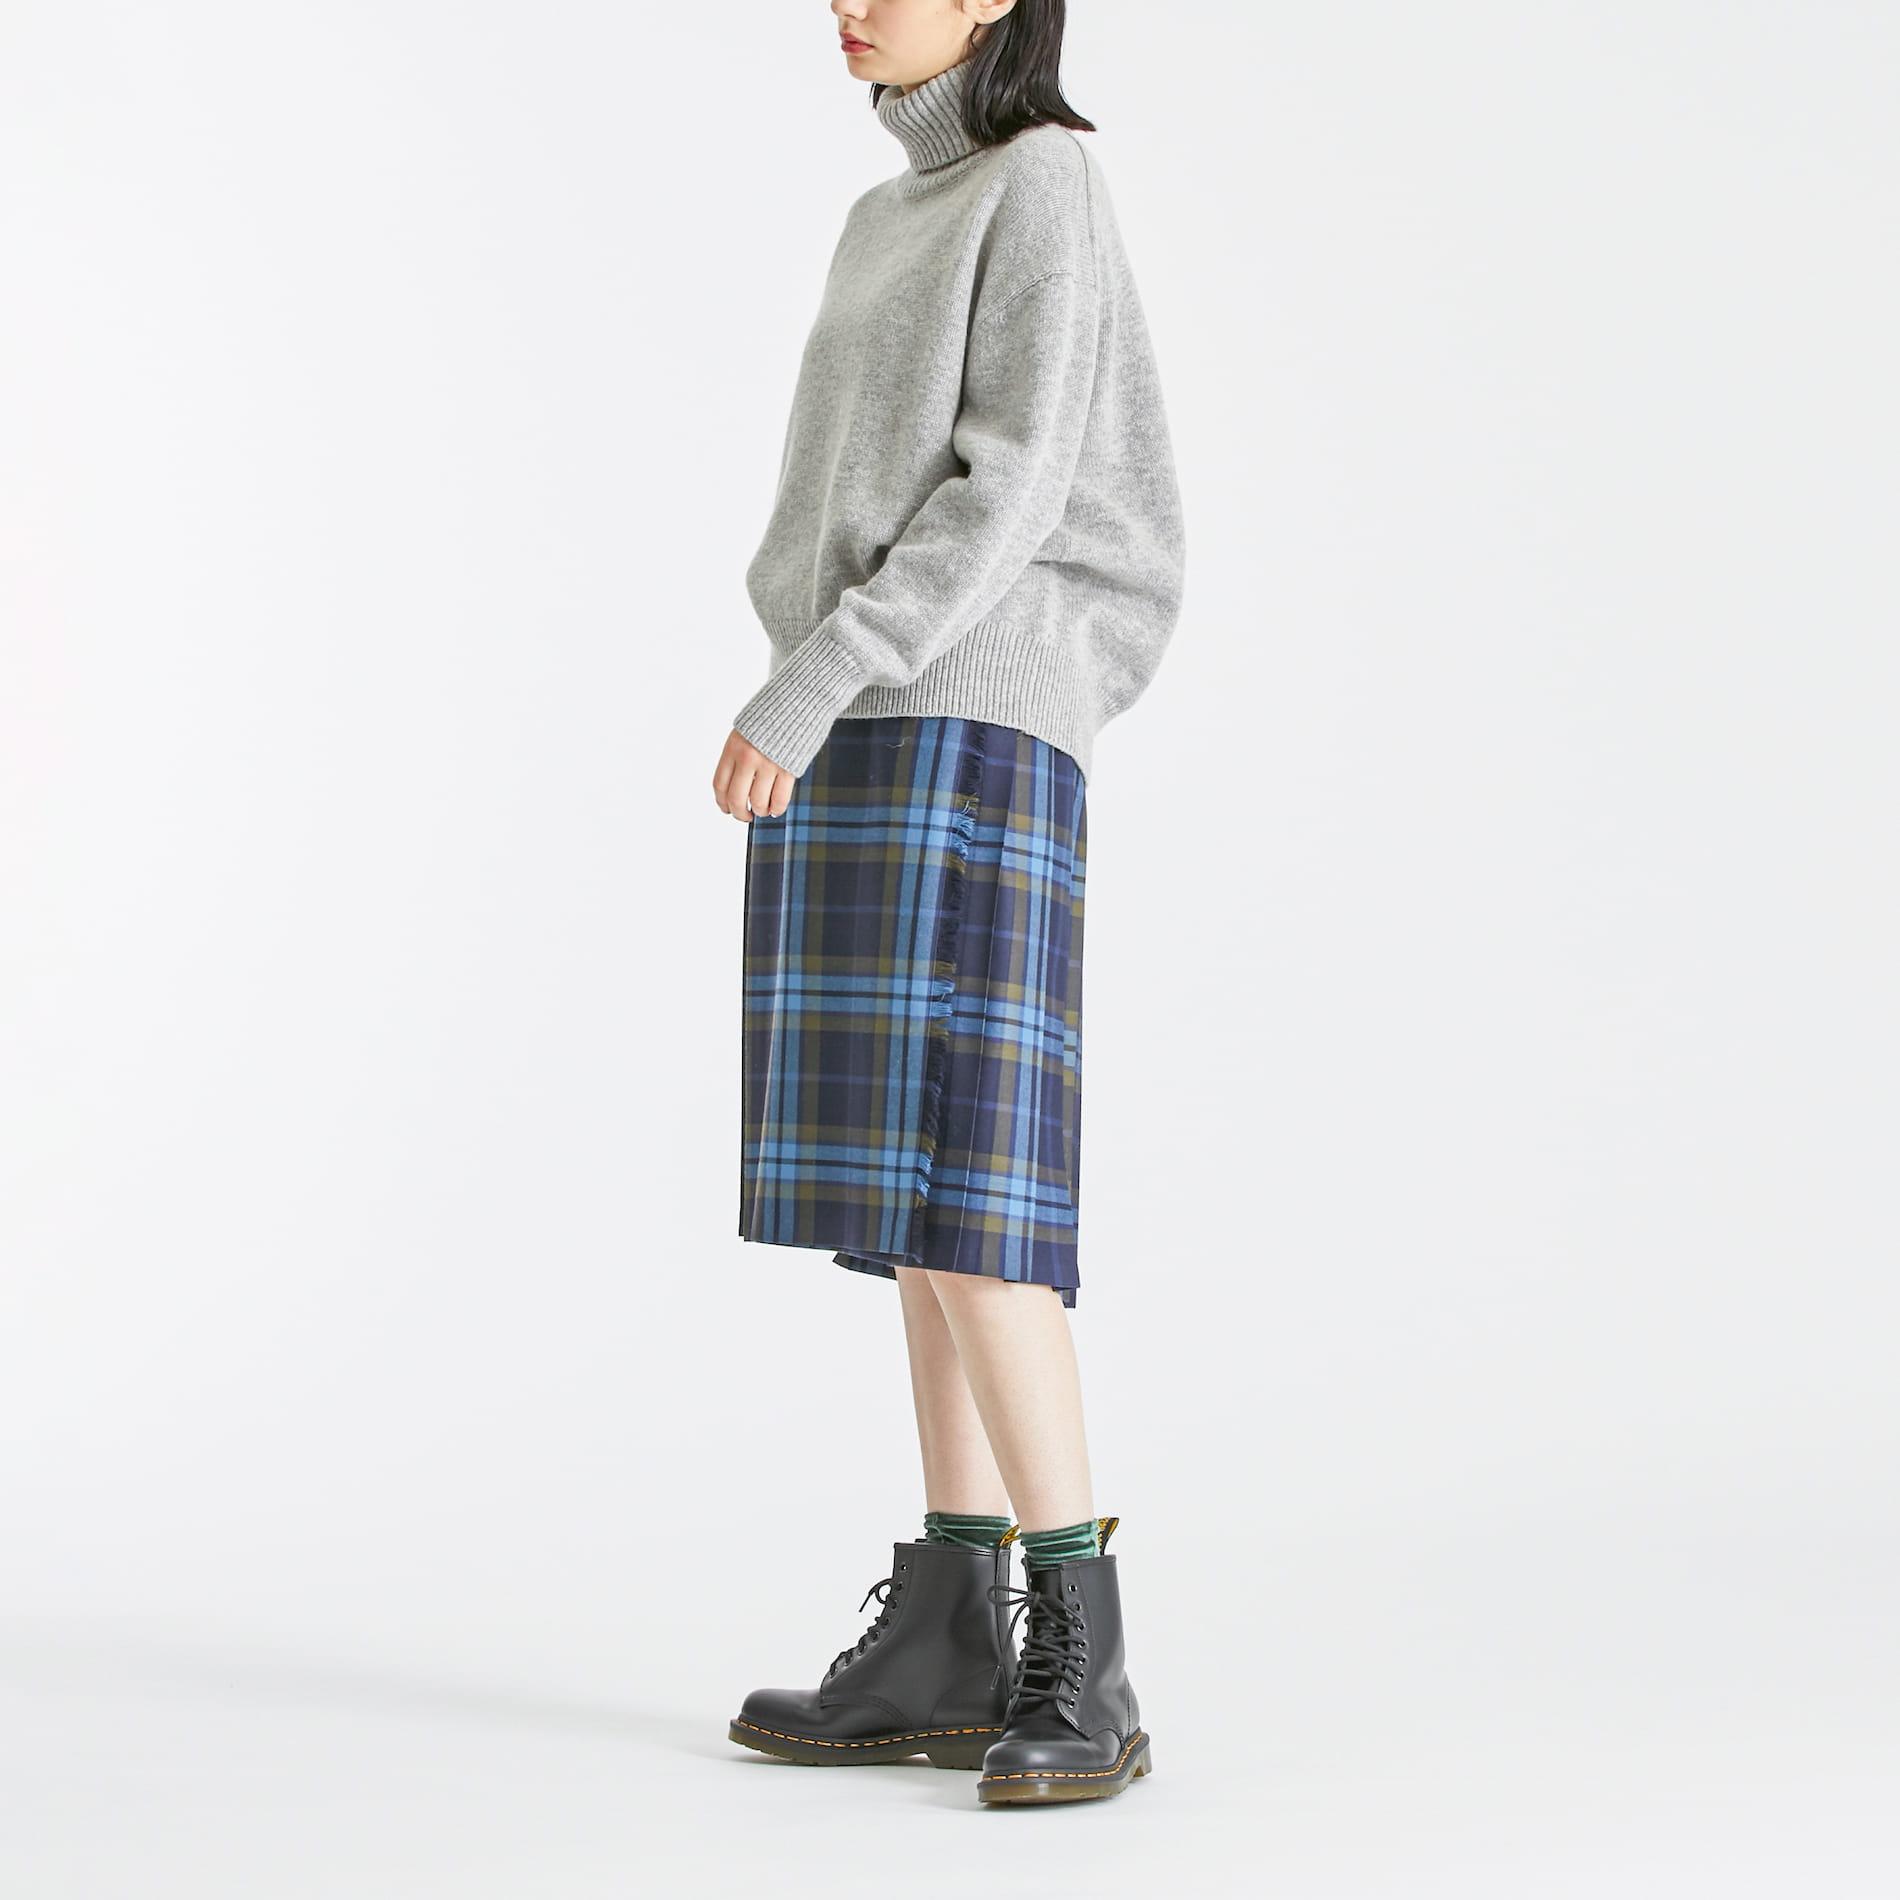 【予約販売】【MP STORE×O'NEIL OF DUBLIN】ショートキルトスカート